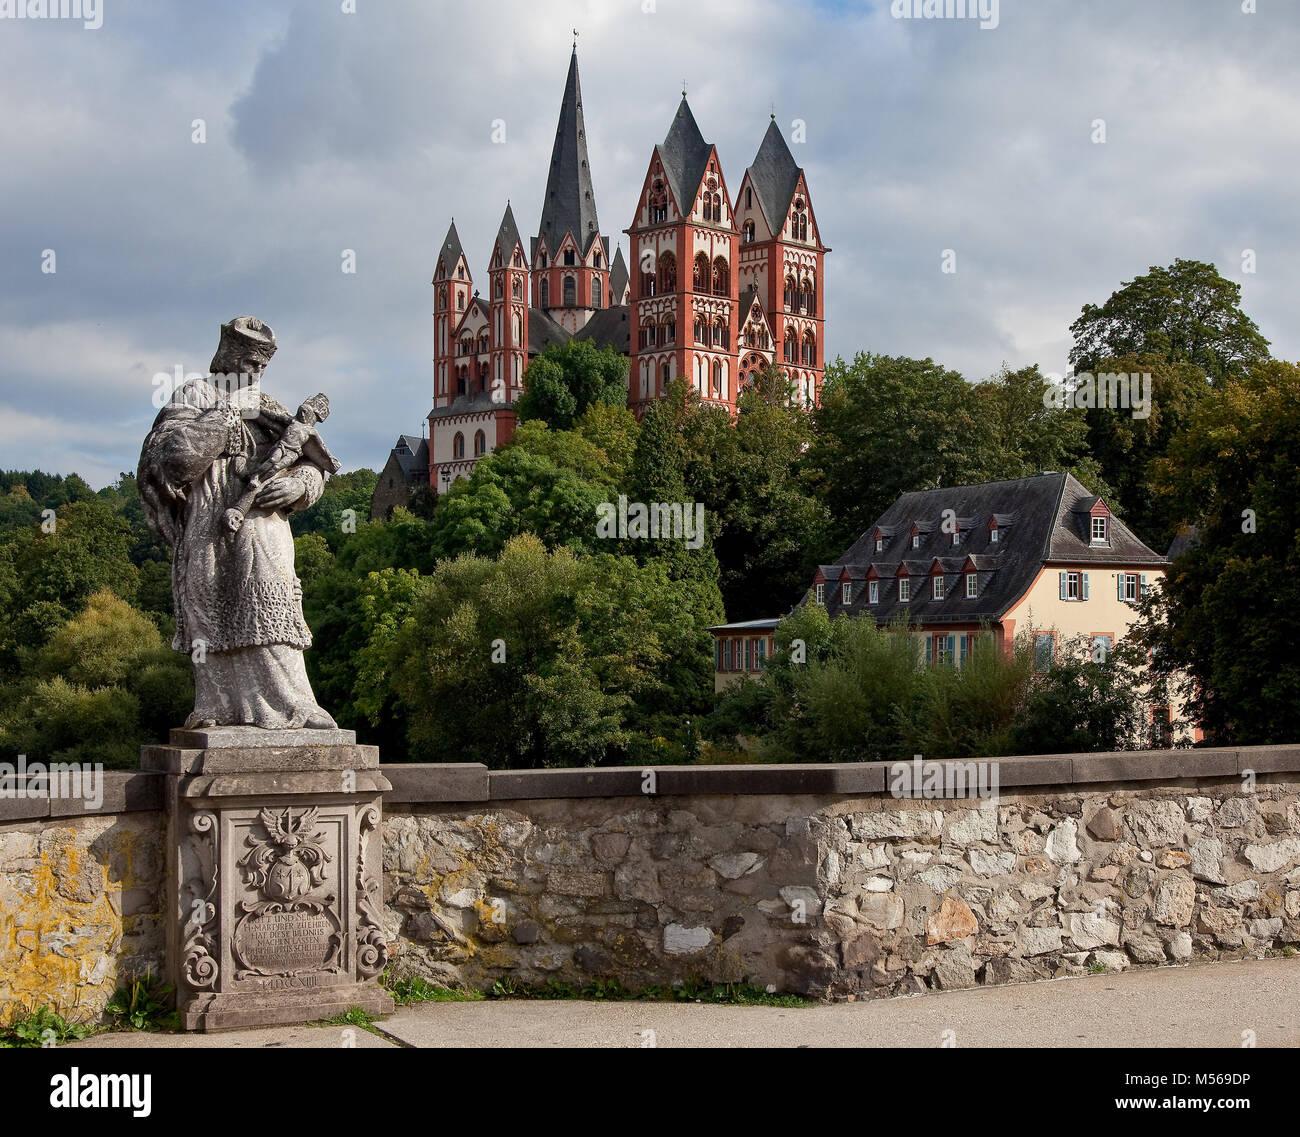 Limburg an der Lahn, Dom, Ansicht von Nordwesten aus von der alten Lahnbrücke links barocke Nepomuk-Skulptur - Stock Image